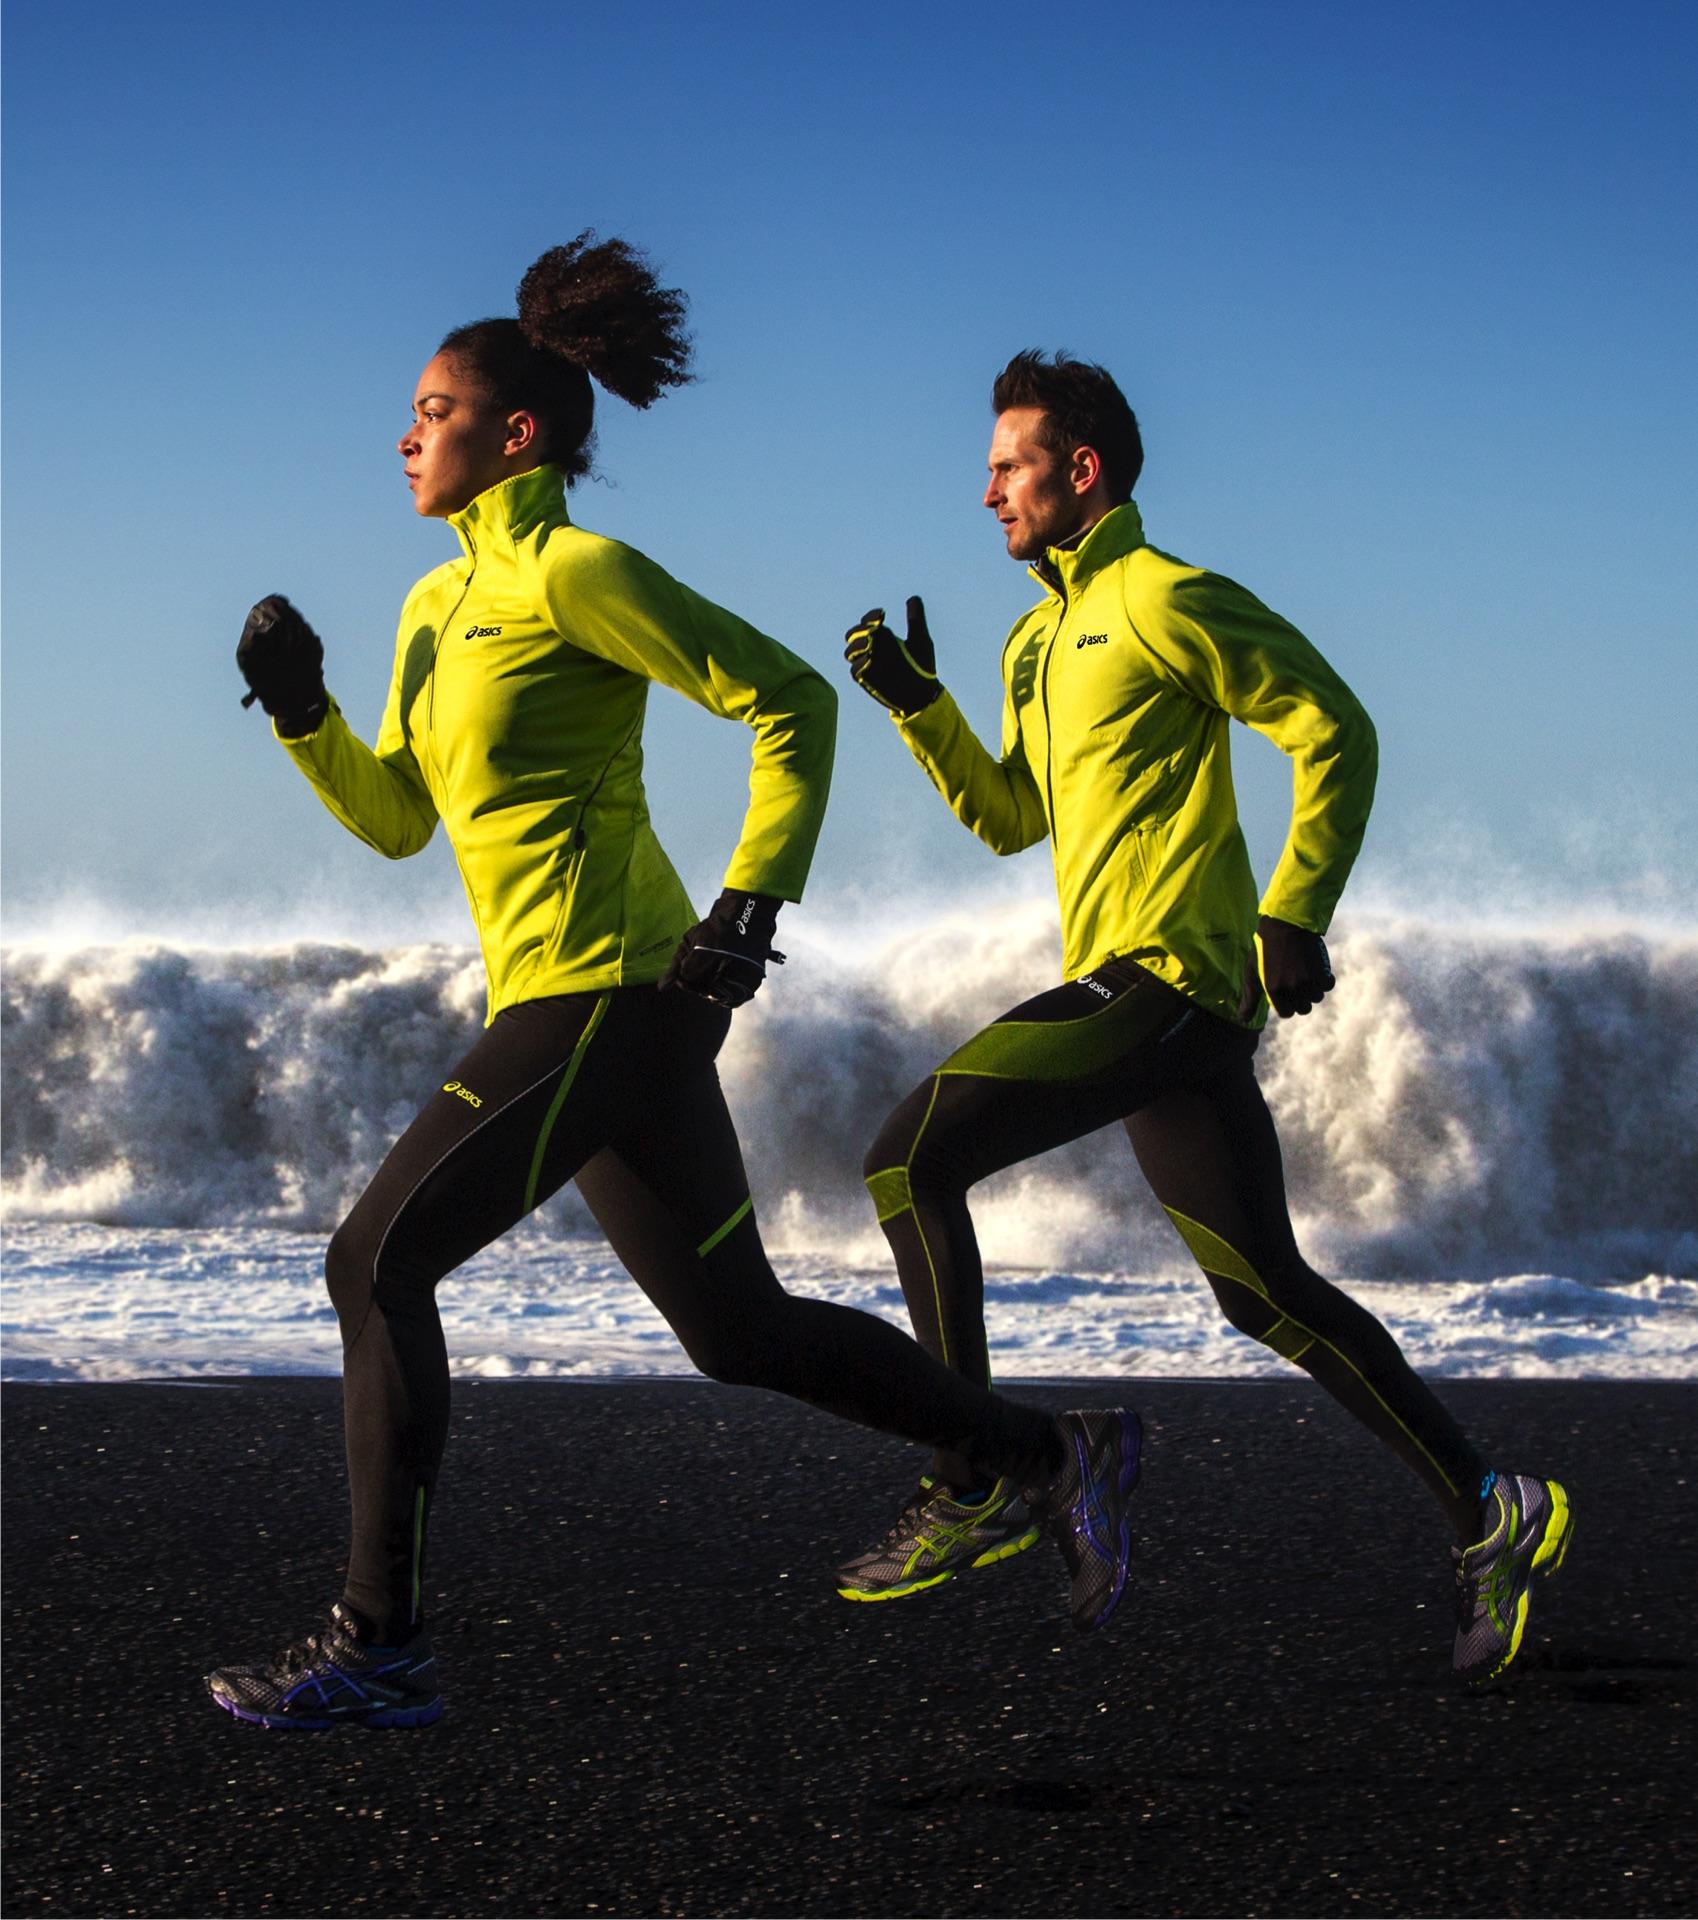 Правильно подобранная одежда для бега сделает этот вид спорта настоящим удовольствием.